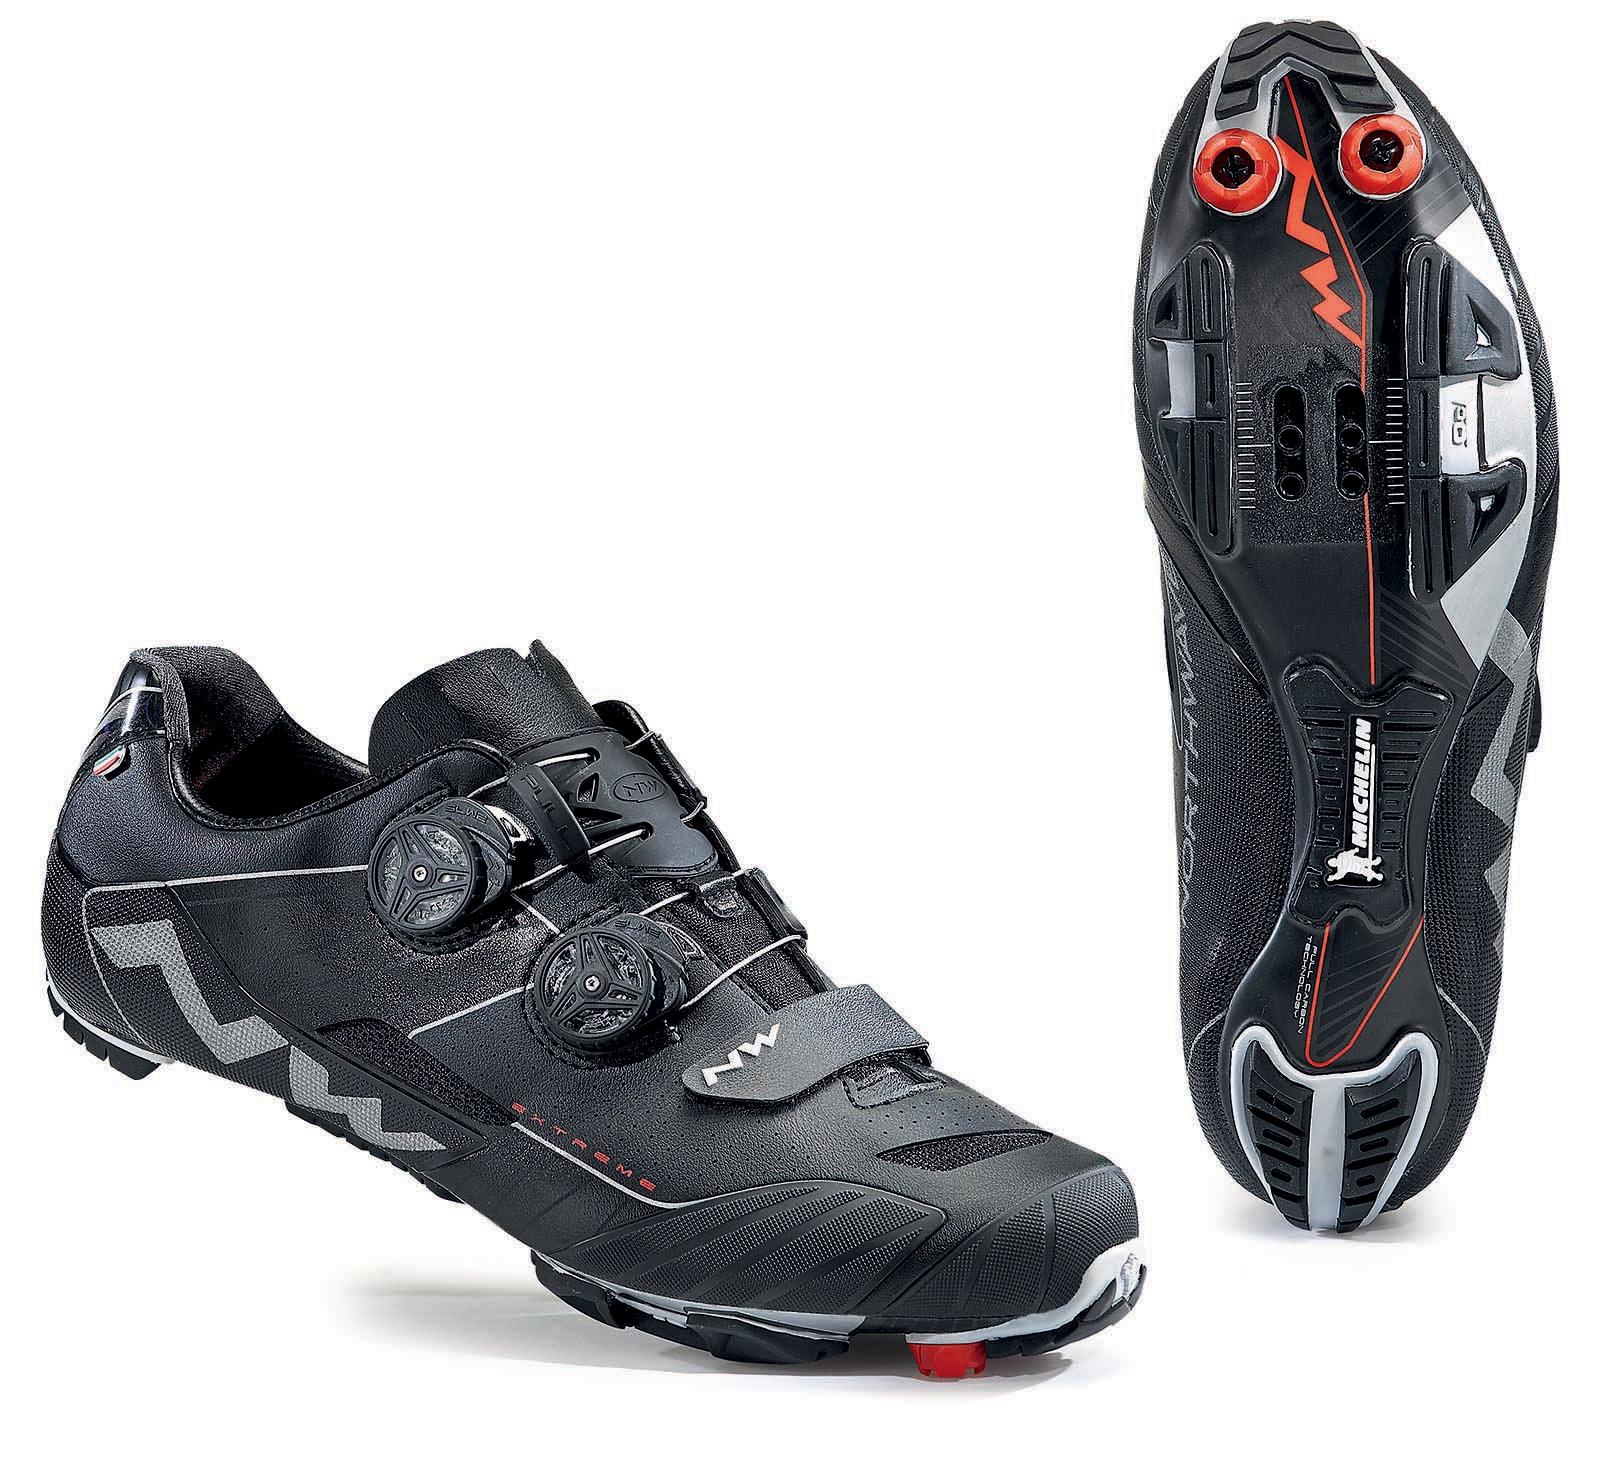 NORTHWAVE Man MTB XC shoes EXTREME XC black